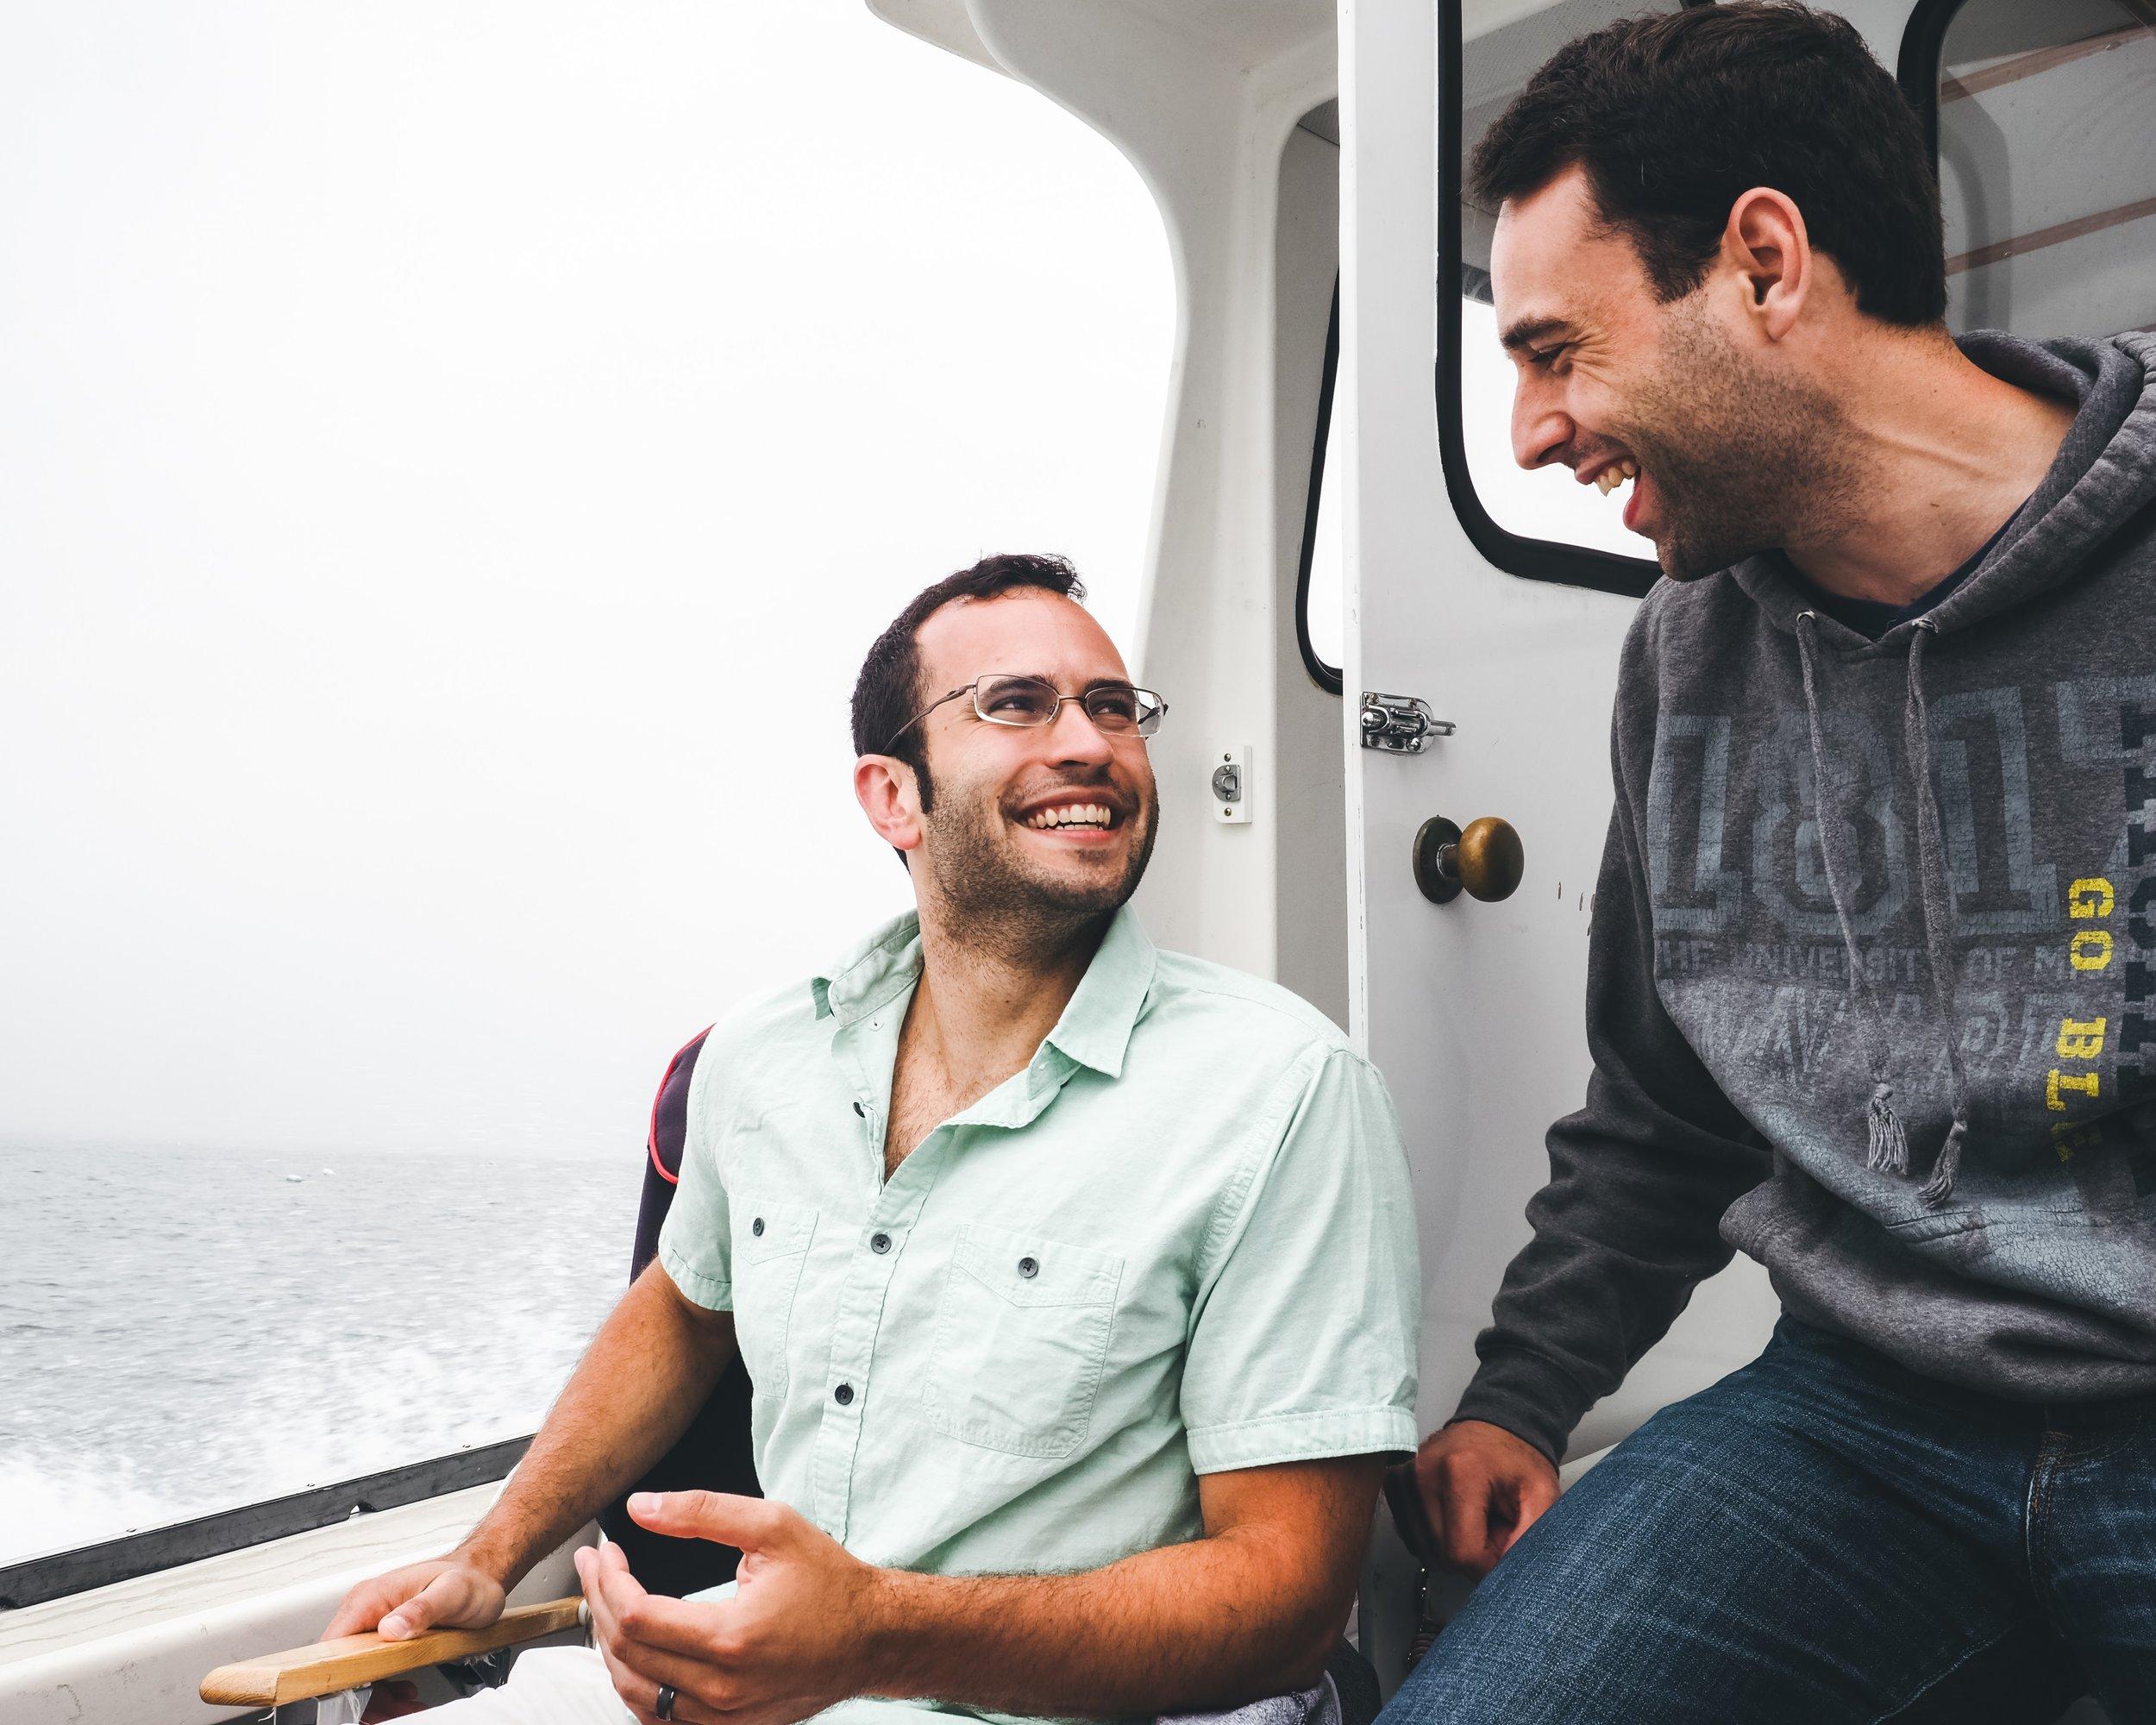 John and Brandon sharing a laugh.